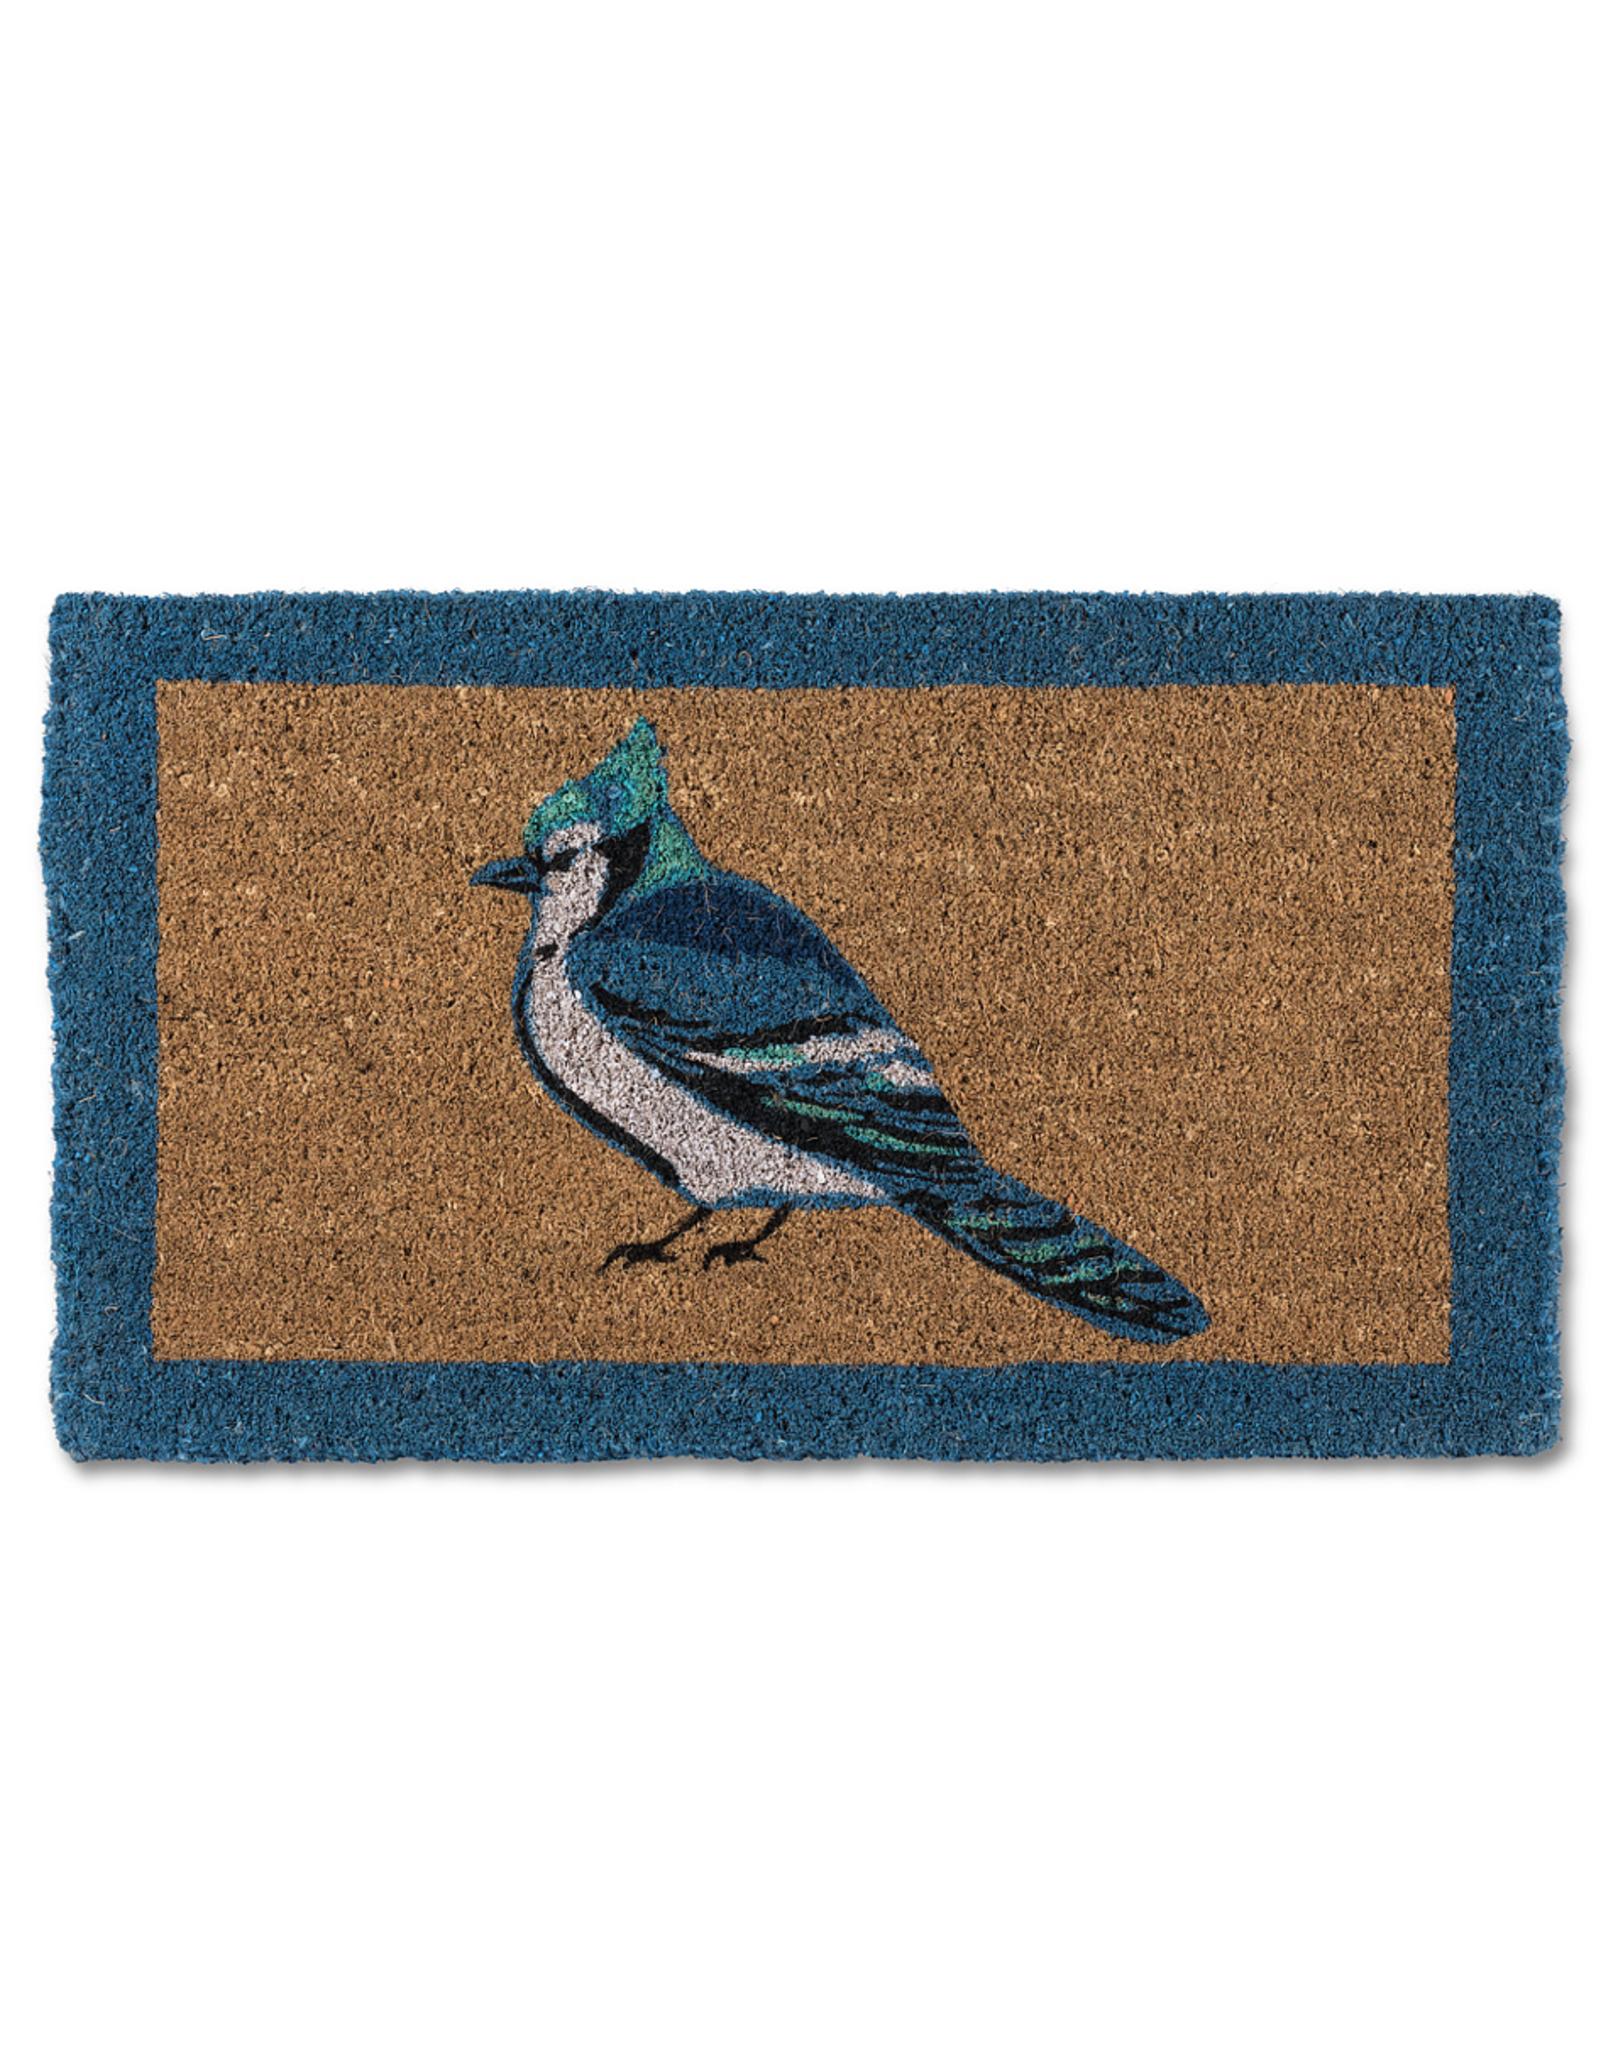 """ATT - Doormat/Blue Jay, 18 x 30"""""""